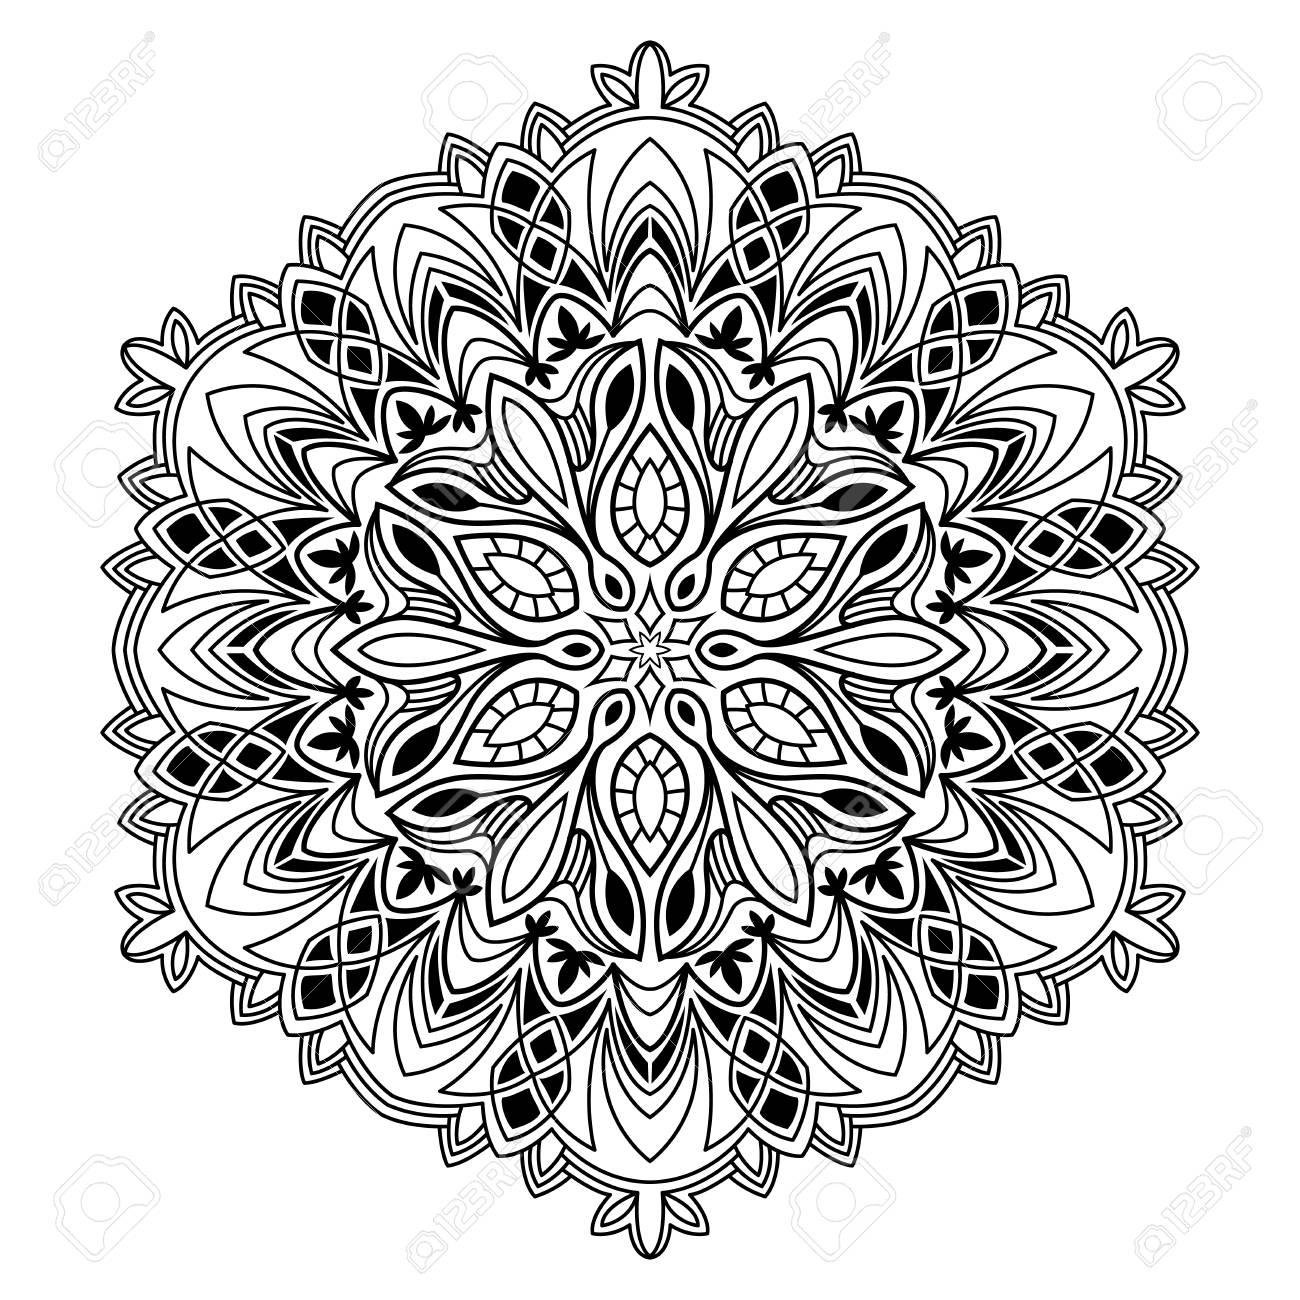 Coloriage Mandala Complique.Mandala Complique Livre De Coloriage Modele De Therapie Anti